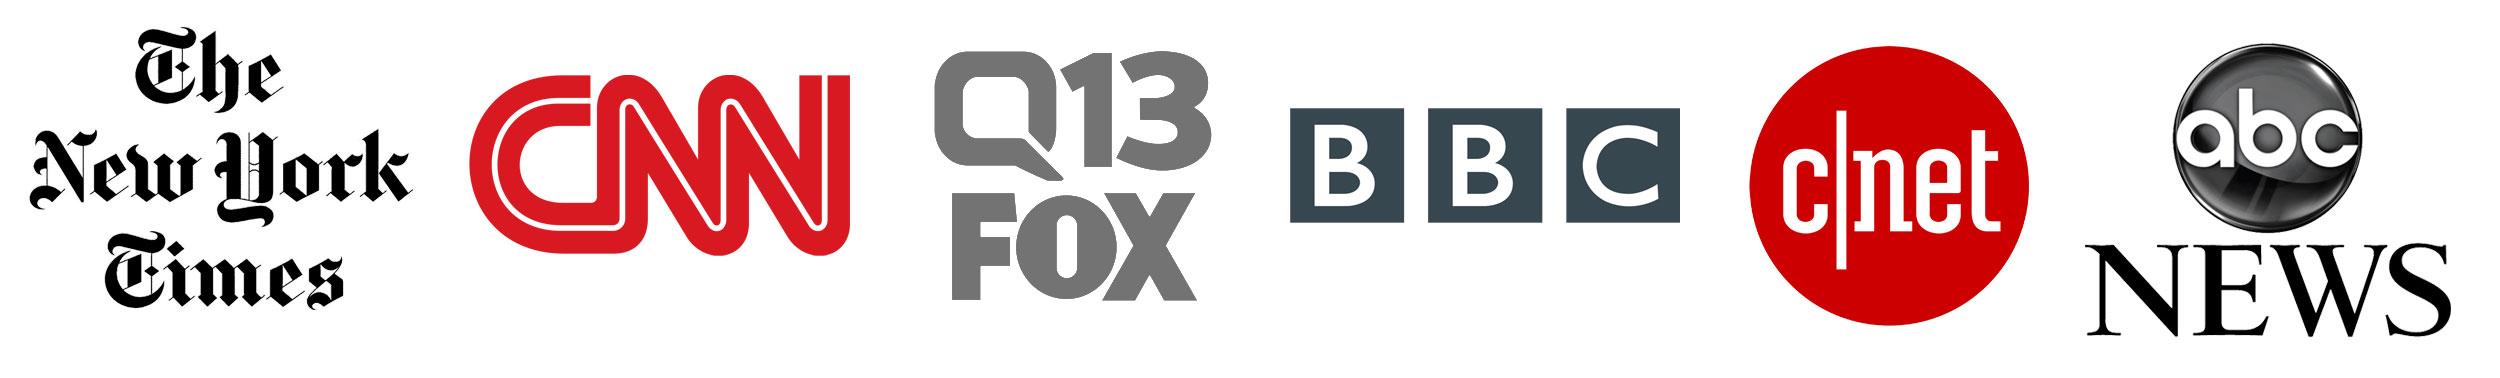 All-logos.jpg